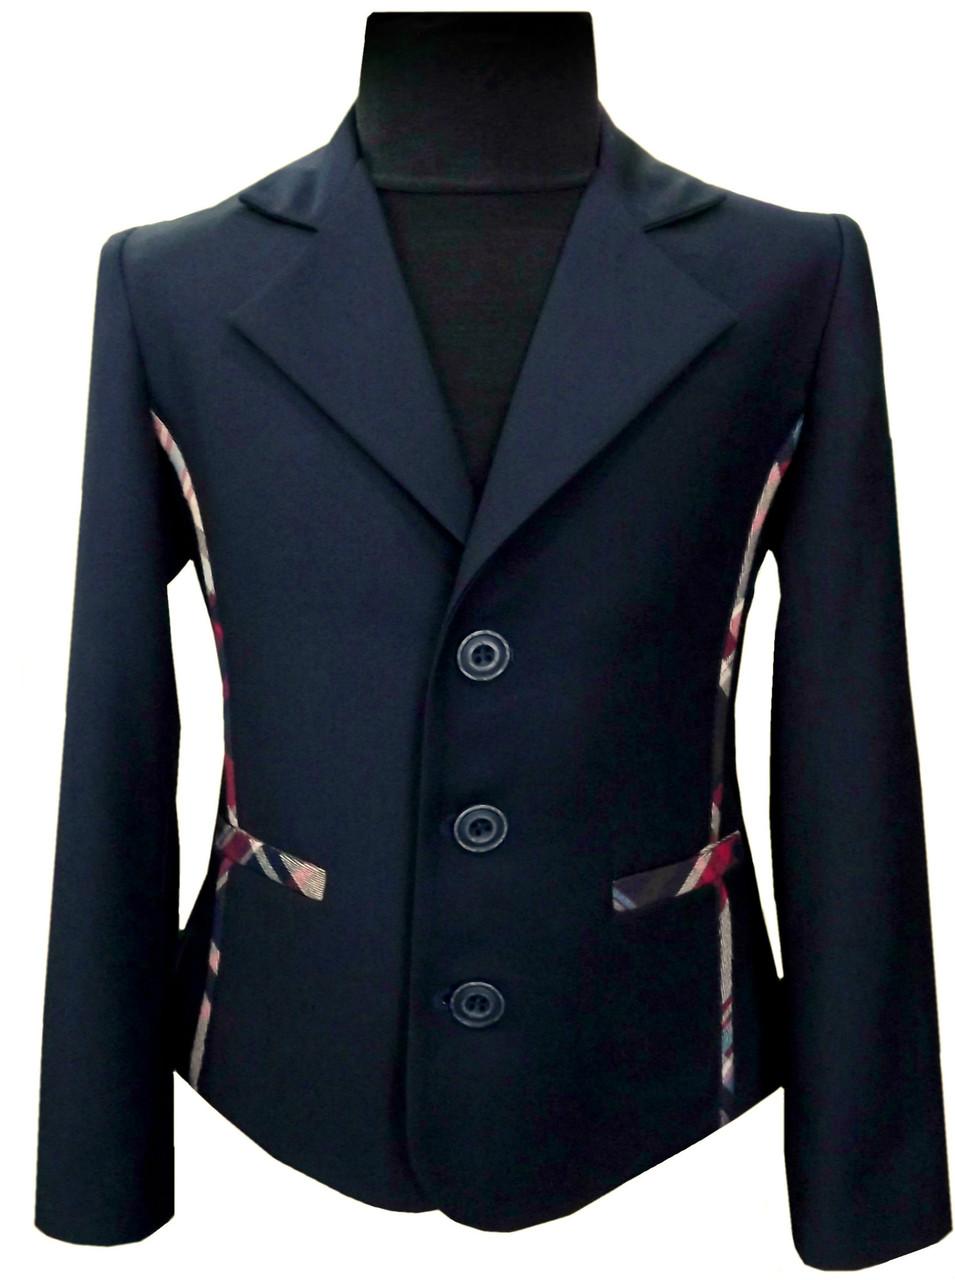 Пиджак школьный детский № 244/1 - KF 09C +D 31